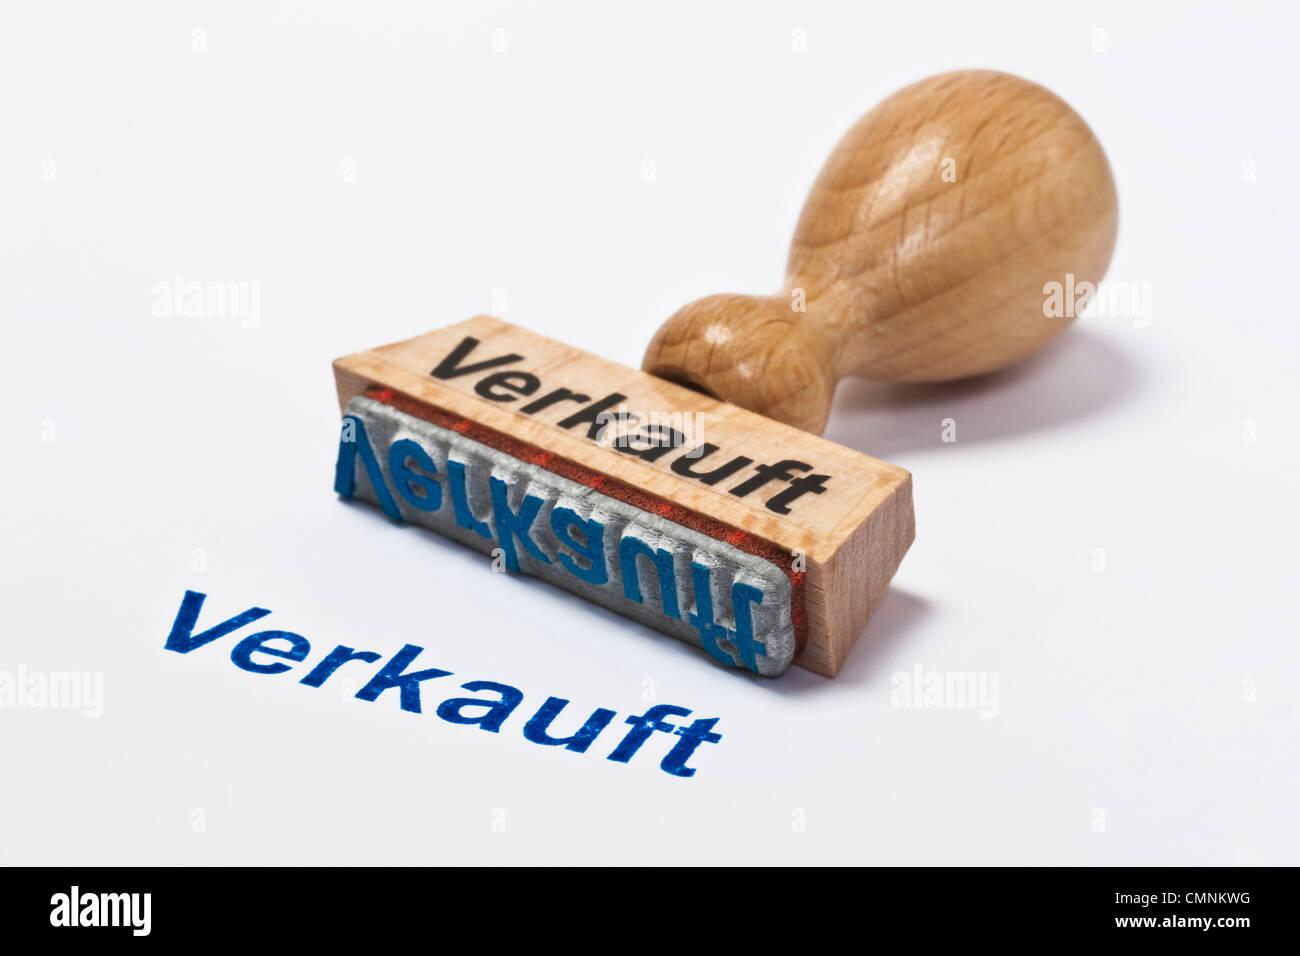 Detailansicht eines Stempels mit der Aufschrift Verkauft | Detail photo of a stamp with inscription in German sold Stock Photo